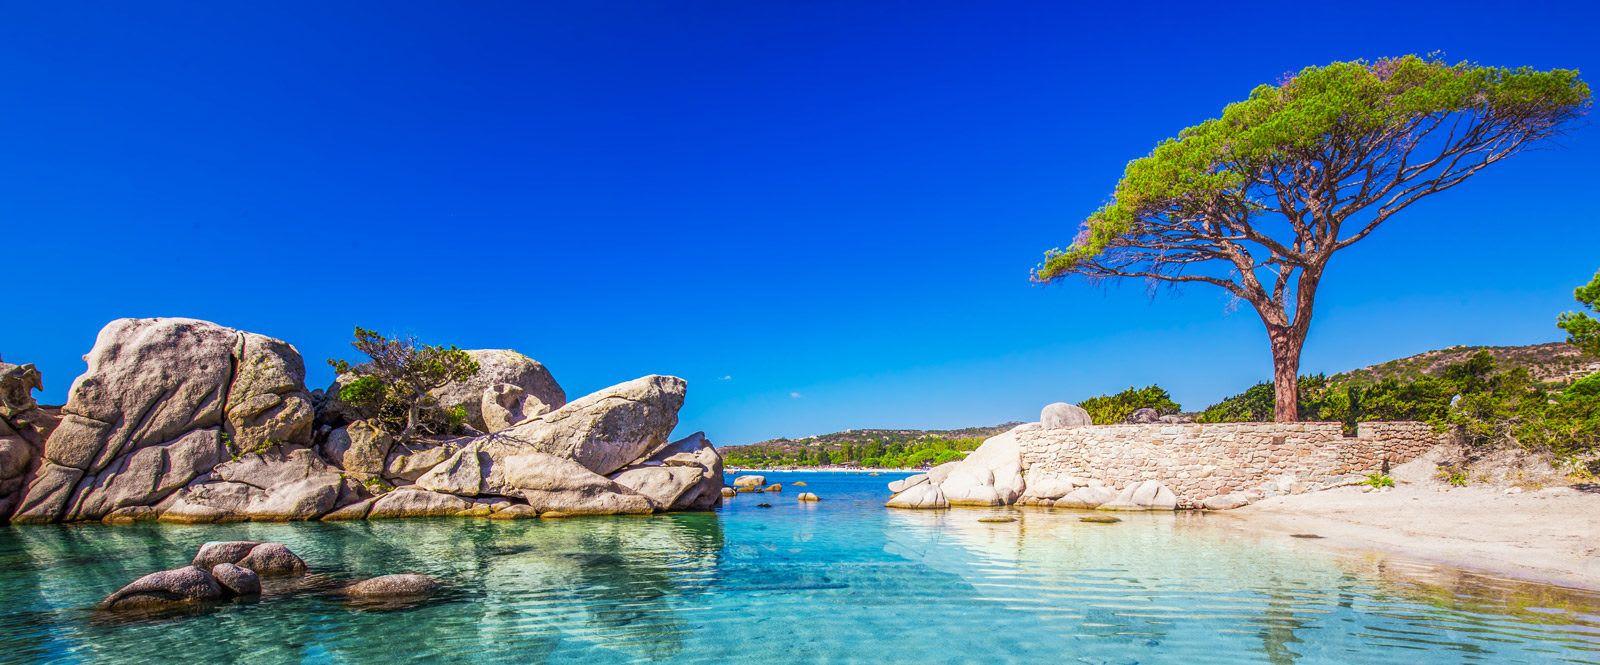 Notre top 3 des weekends en France pour cet été 🇫🇷